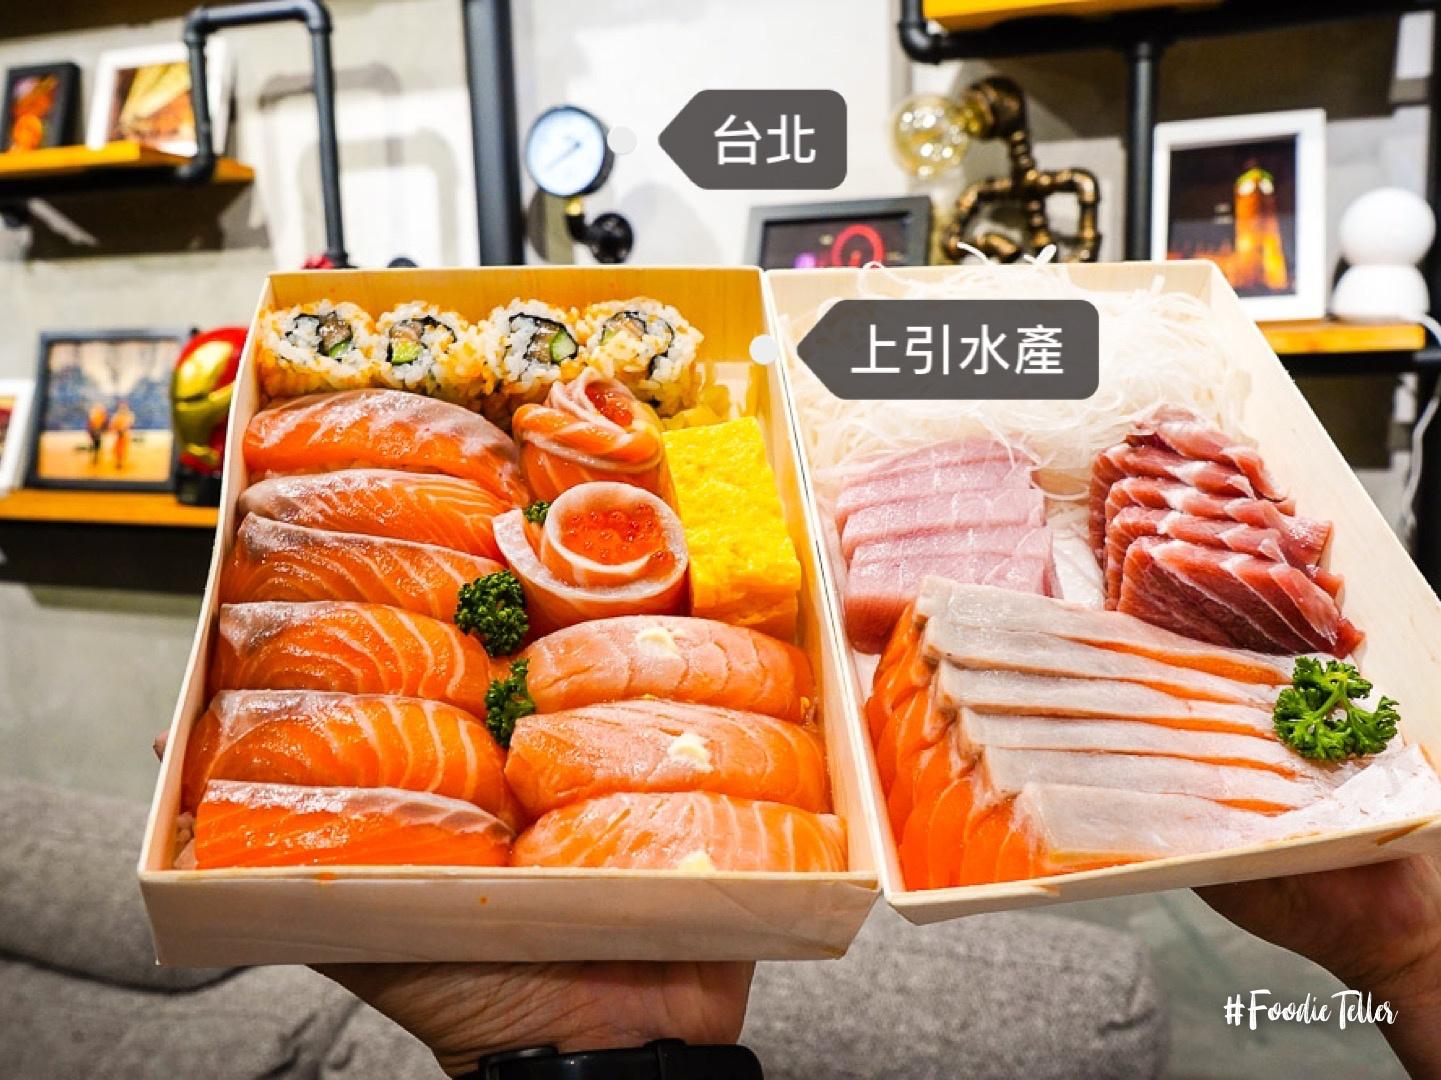 台北上引水產|立吞壽司生魚片去過一次就上癮的台北人魚市場!